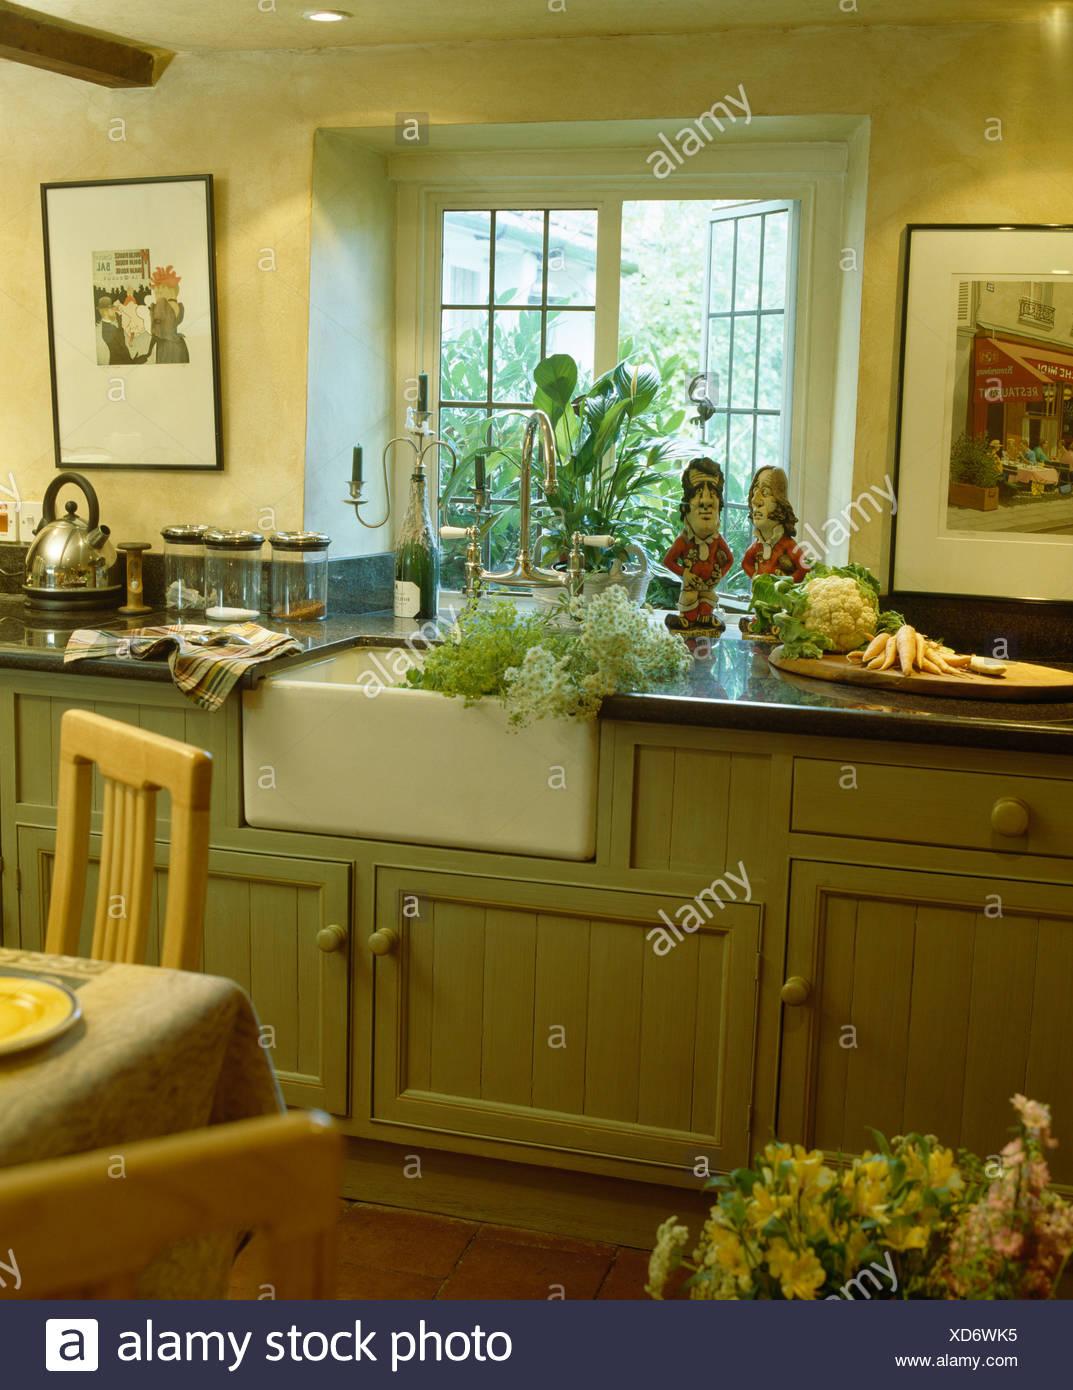 Großartig Küchenfenster über Waschbecken Fotos - Ideen Für Die Küche ...